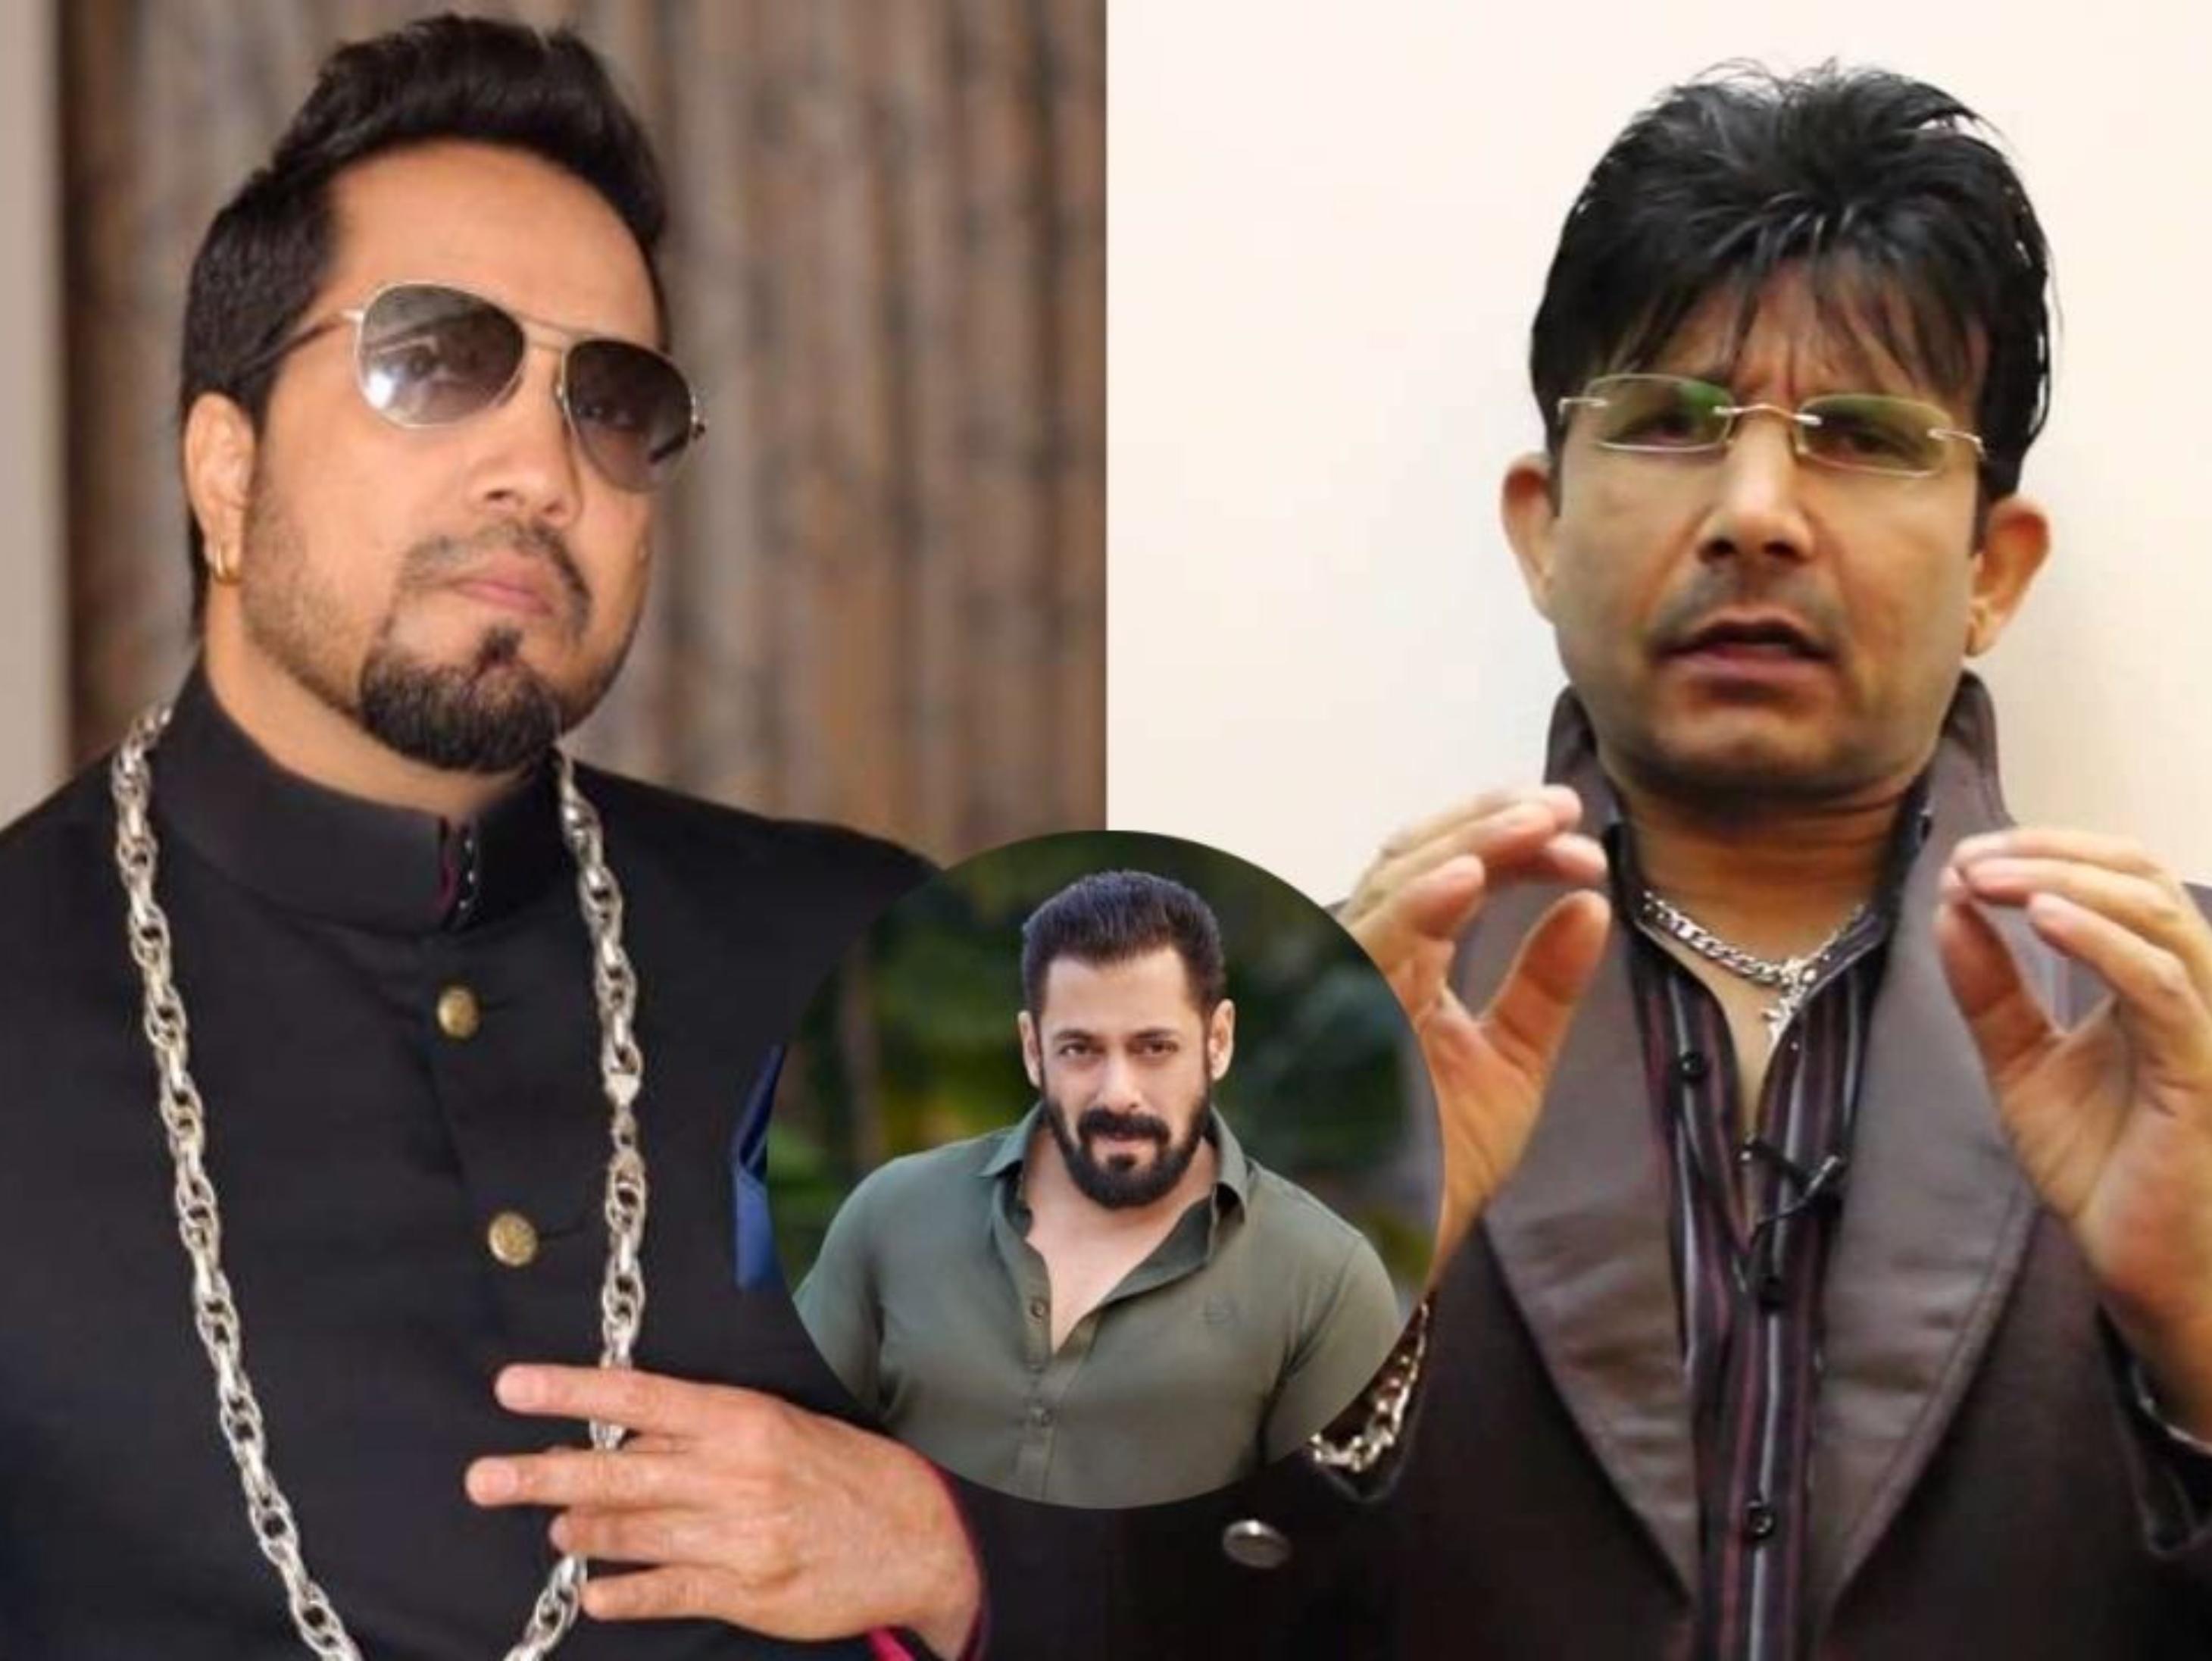 खुद पर गाना बना तो बिफरे कमाल आर खान, मीका से कहा- इतना भौंकता है, एक बार सॉन्ग रिलीज कर दे फिर देख बॉलीवुड,Bollywood - Dainik Bhaskar